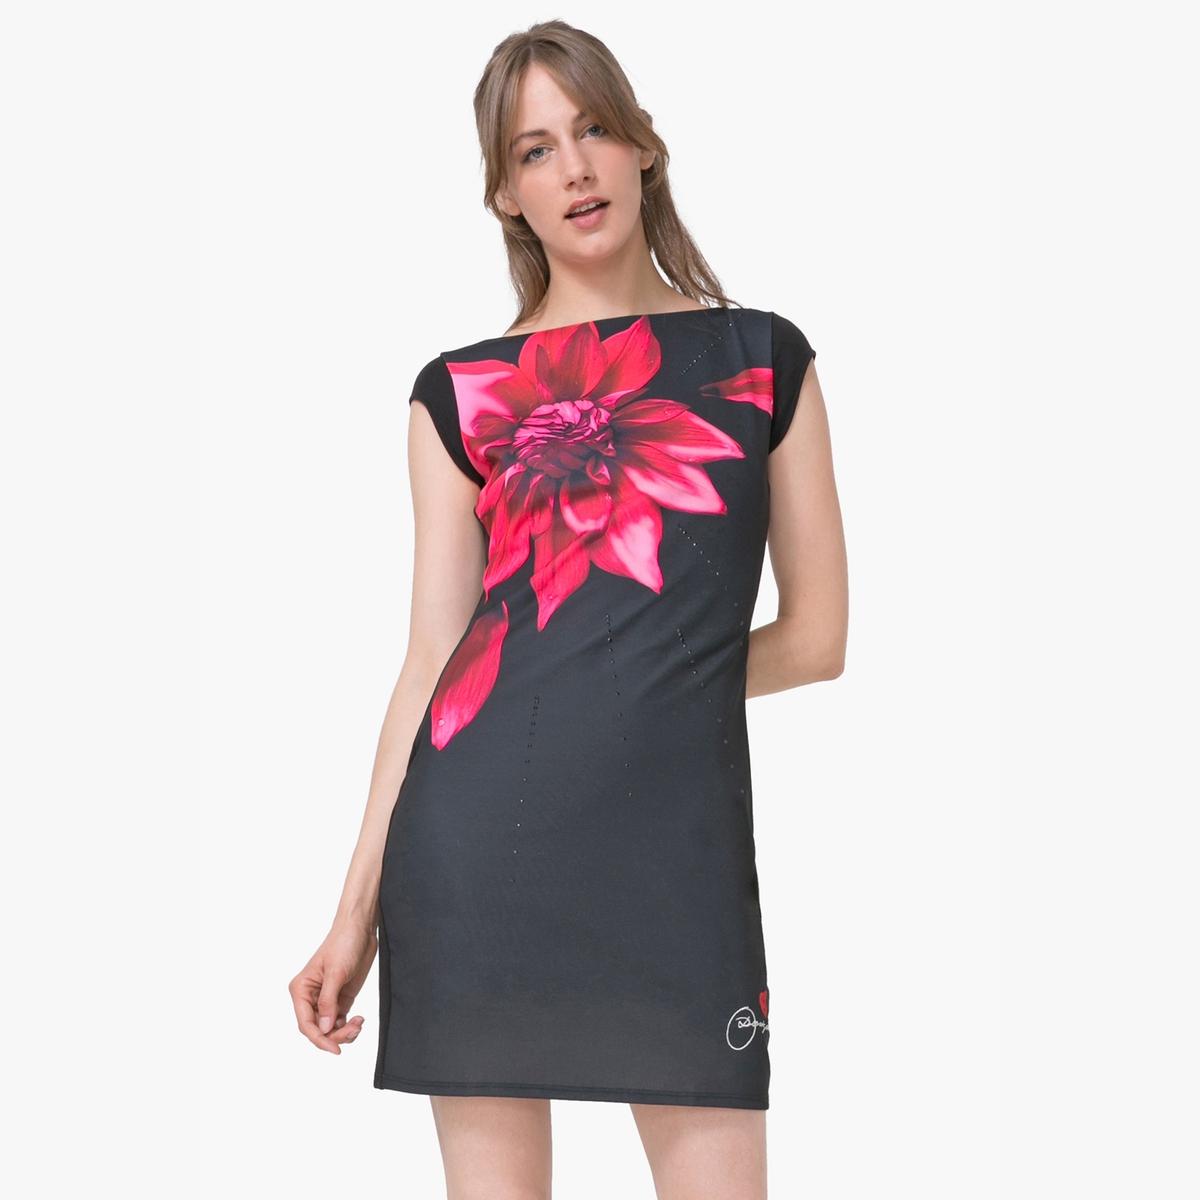 Платье с короткими рукавами и цветочным рисункомМатериал : 3% эластана, 97% полиэстера  Длина рукава : короткие рукава  Форма воротника : круглый вырез Покрой платья : платье облегающего покроя Рисунок : цветочный   Длина платья : короткое<br><br>Цвет: черный